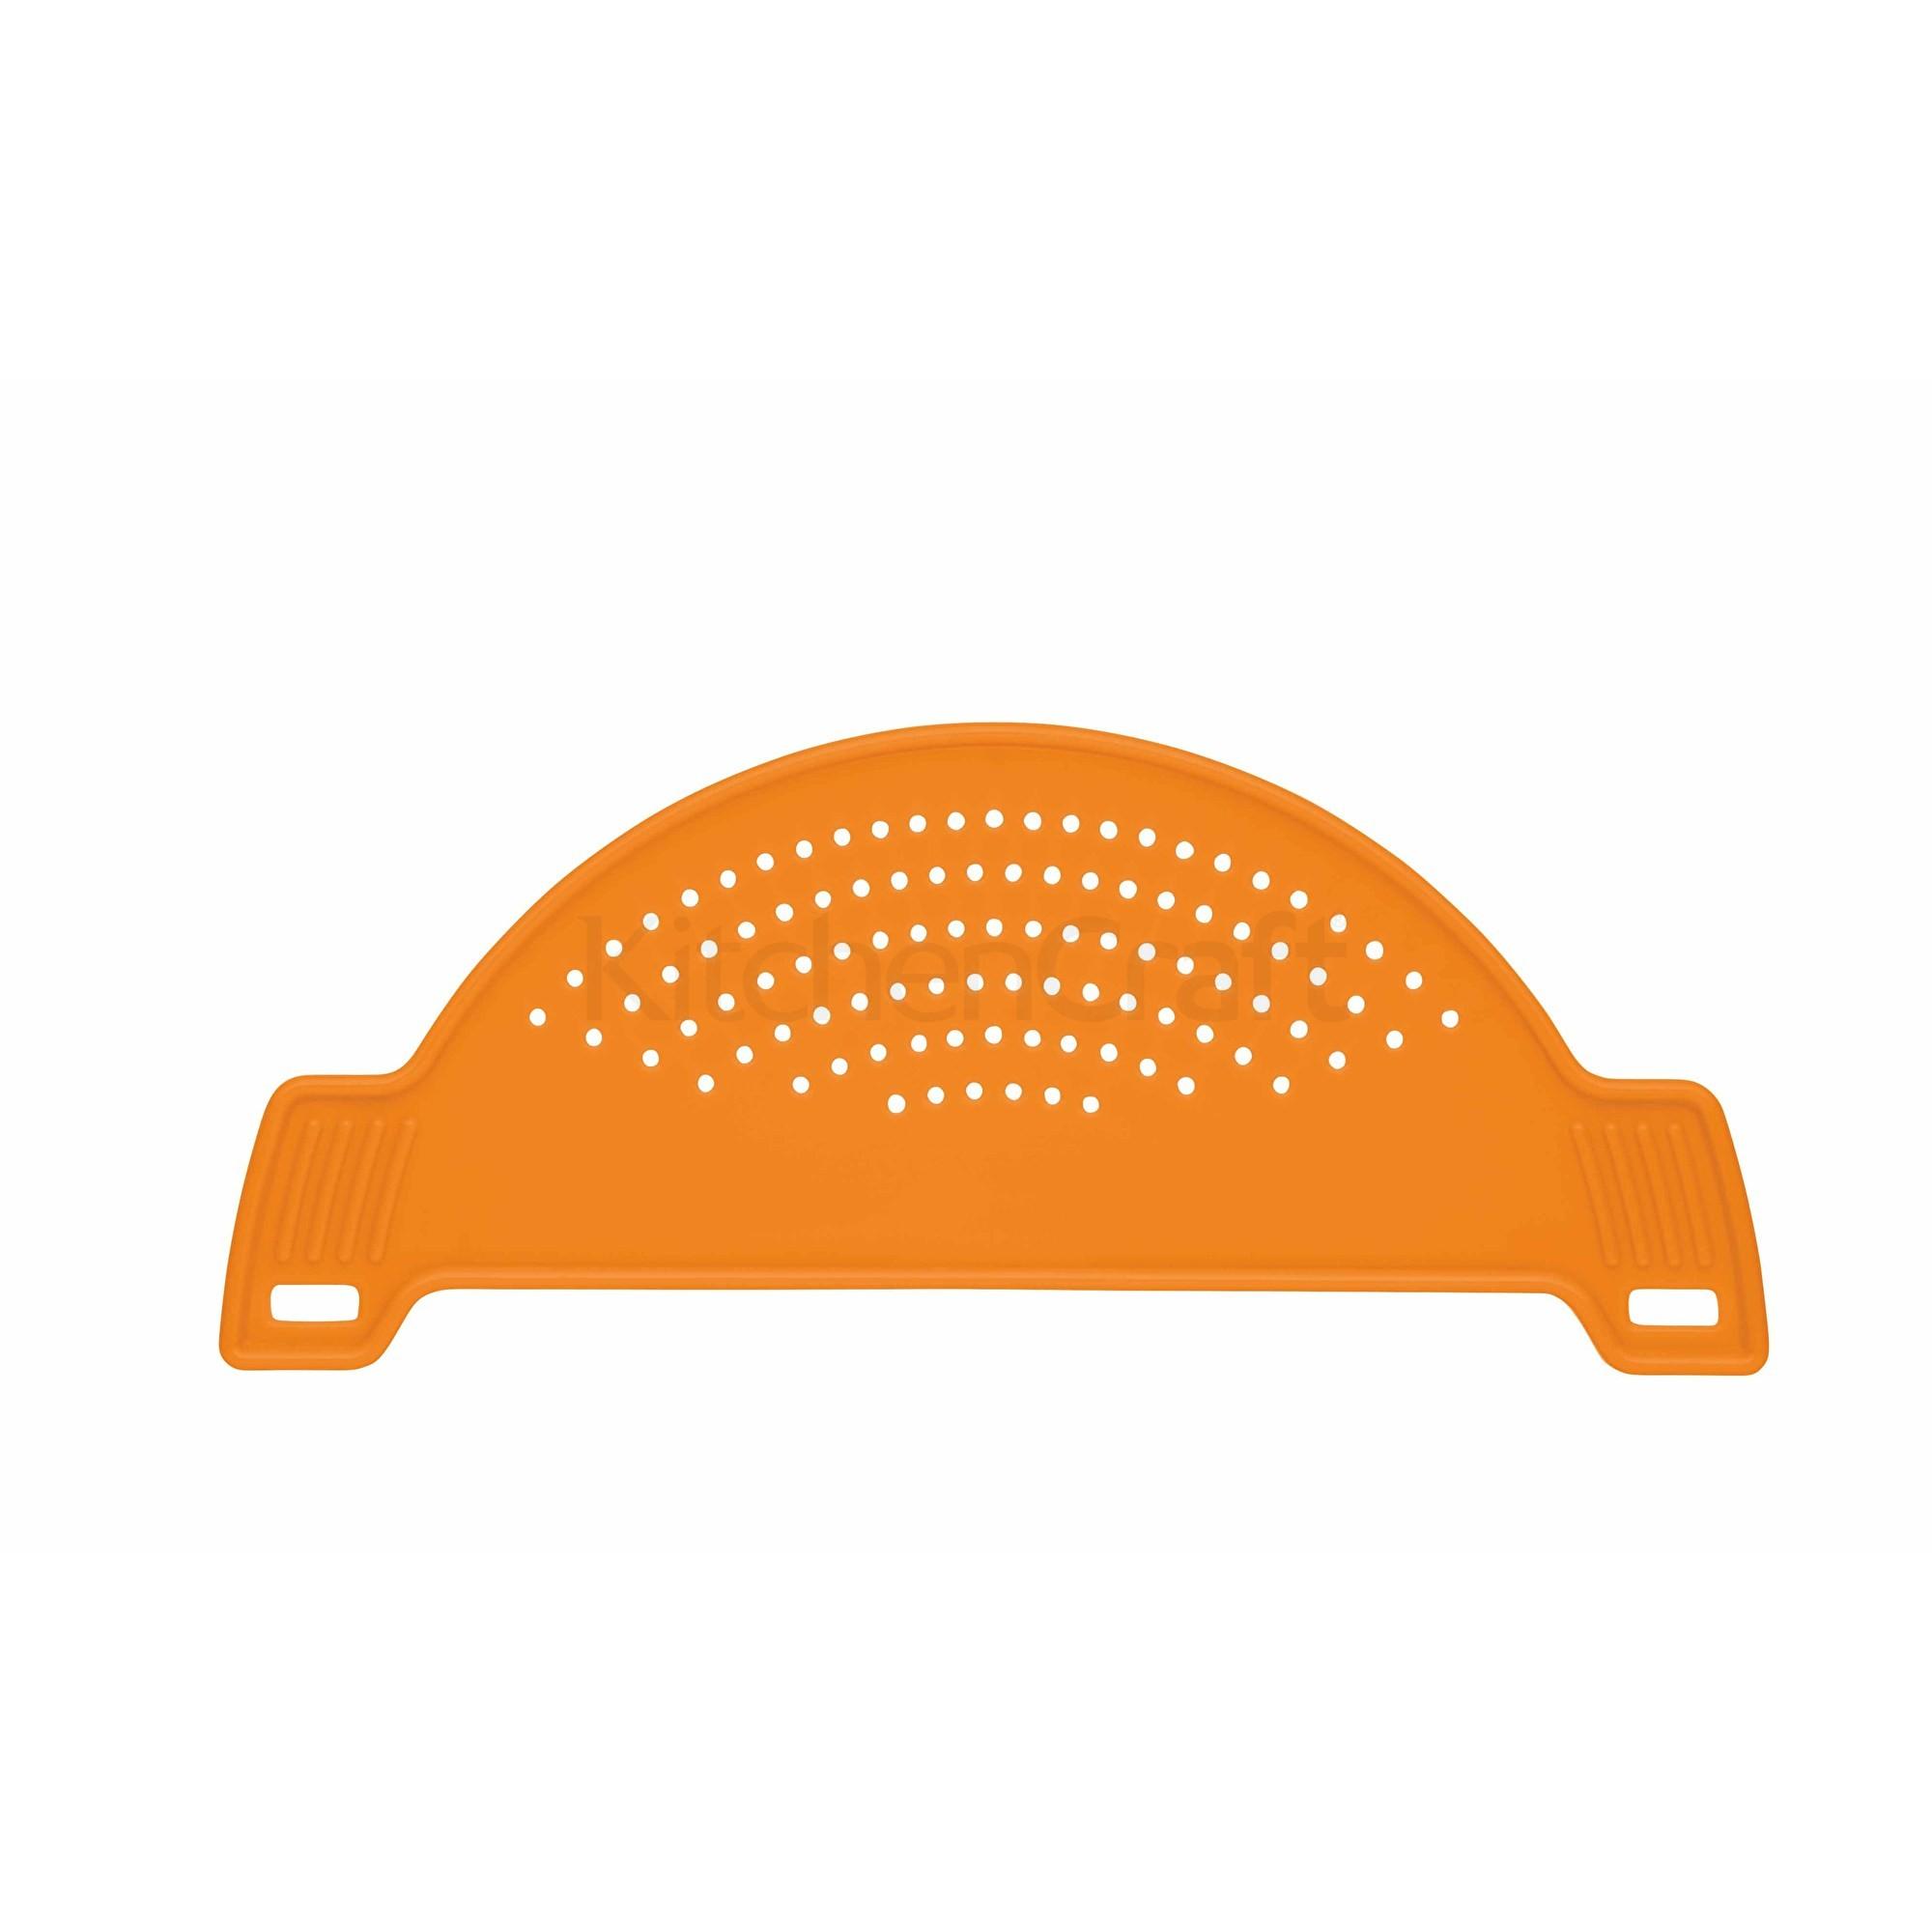 Σουρωτήρι Κατσαρόλας Πλαστικό Πορτοκαλί Colorworks Kitchencraft home   εργαλεια κουζινας   σουρωτήρια